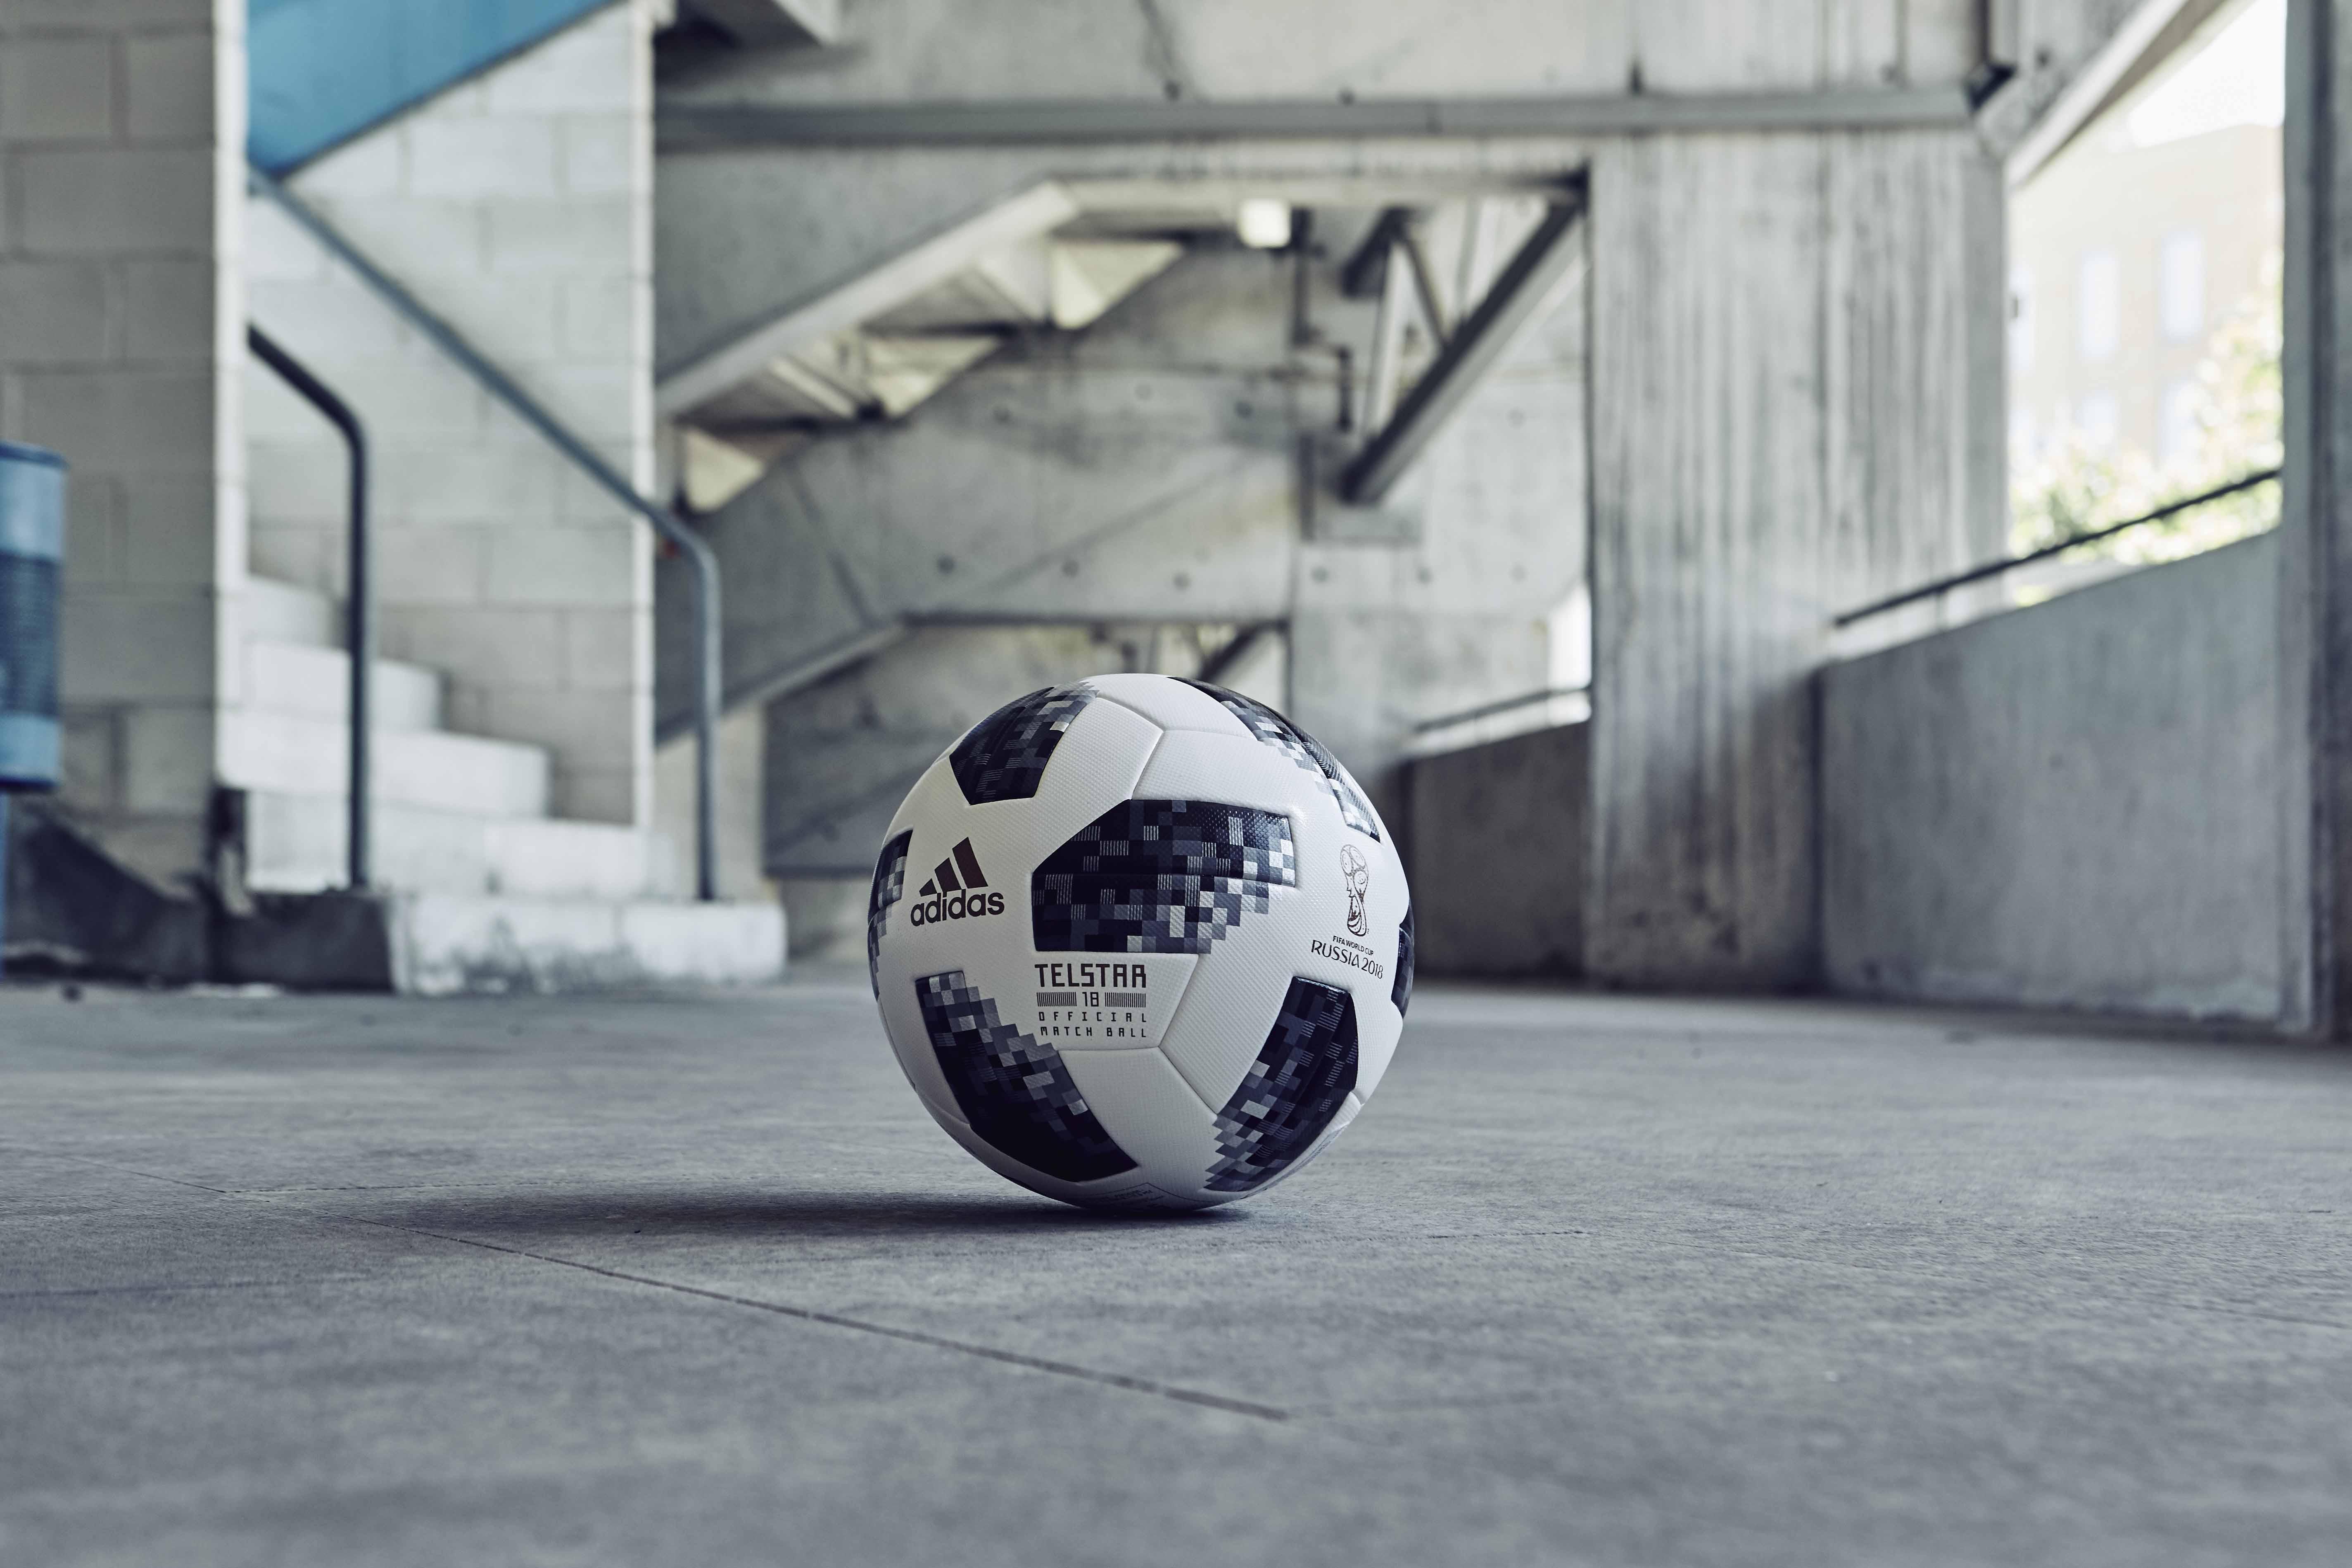 Arrugas Instalación Ser  Cómo se llama el balón del Mundial de Rusia 2018?